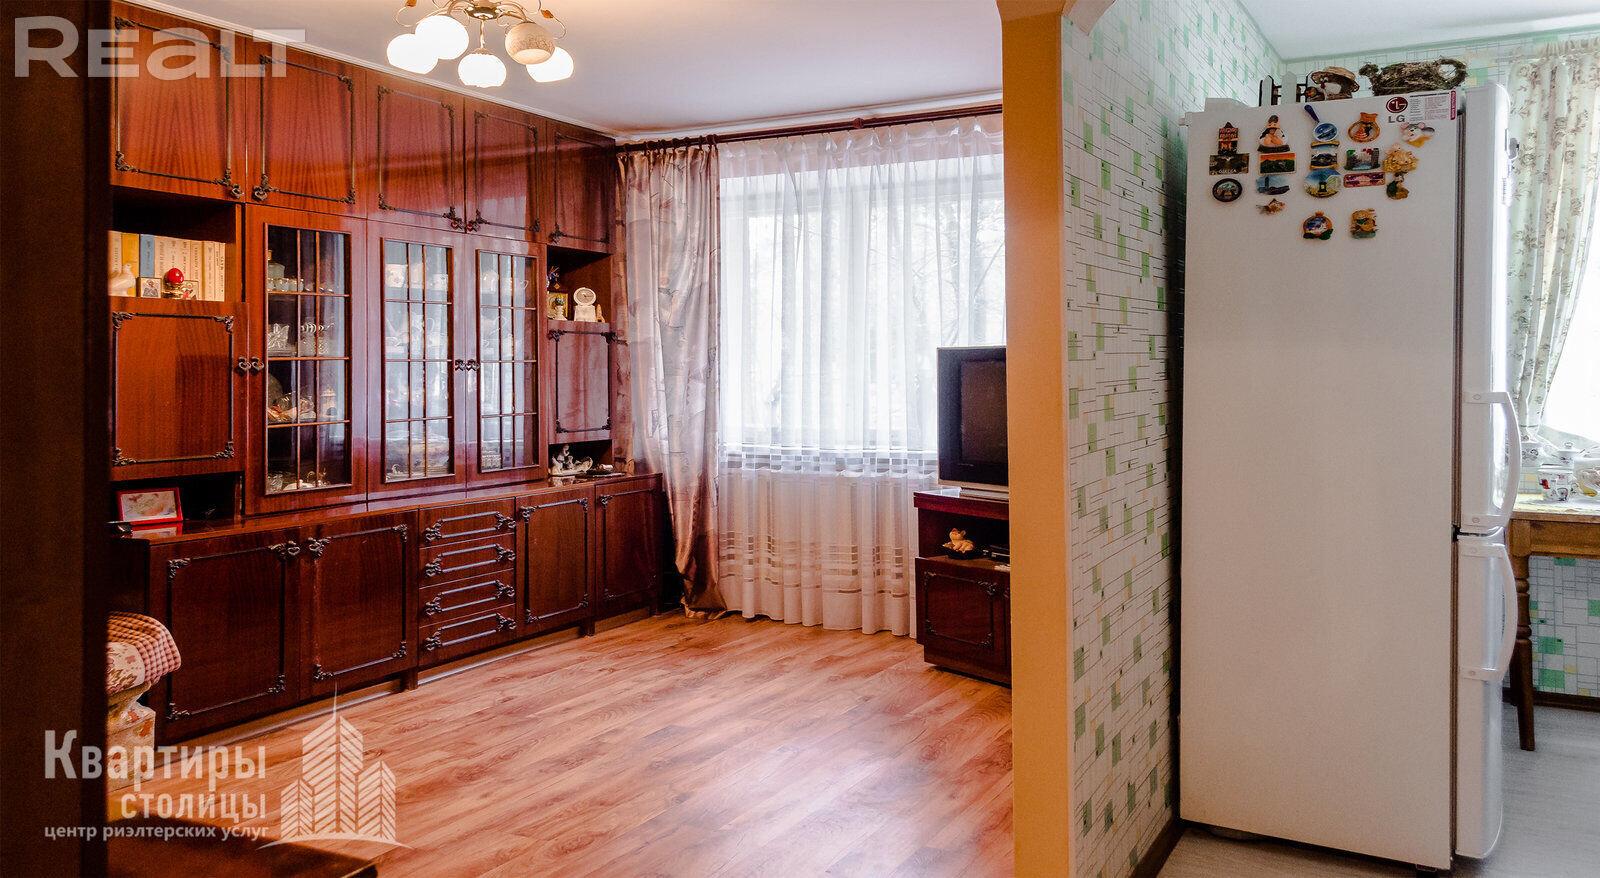 Продажа 3-х комнатной квартиры, г. Минск, ул. Уручская (р-н Уручье). Цена 175 449 руб c торгом